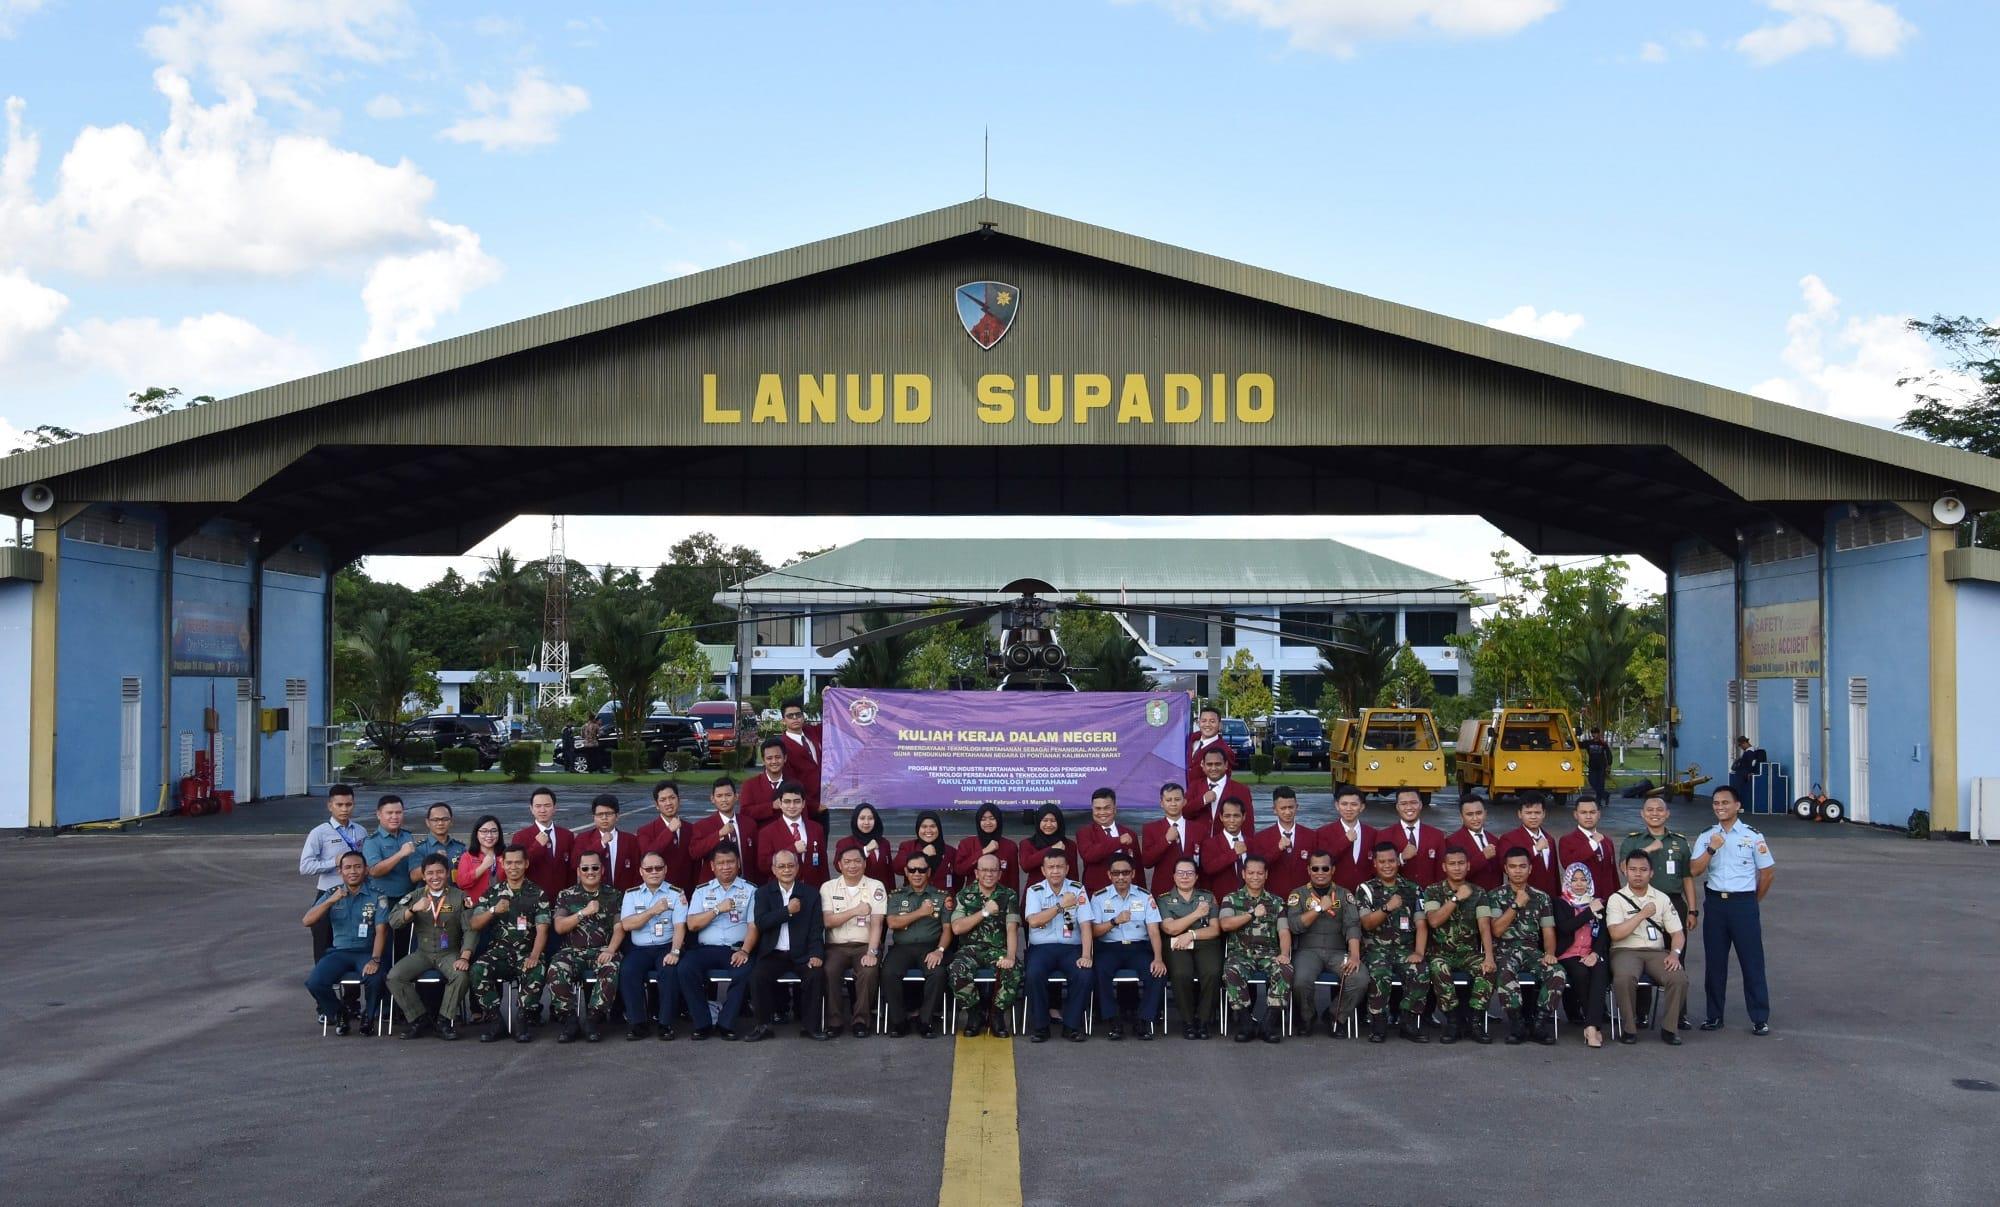 Mahasiswa Unhan KKDN di Lanud Supadio